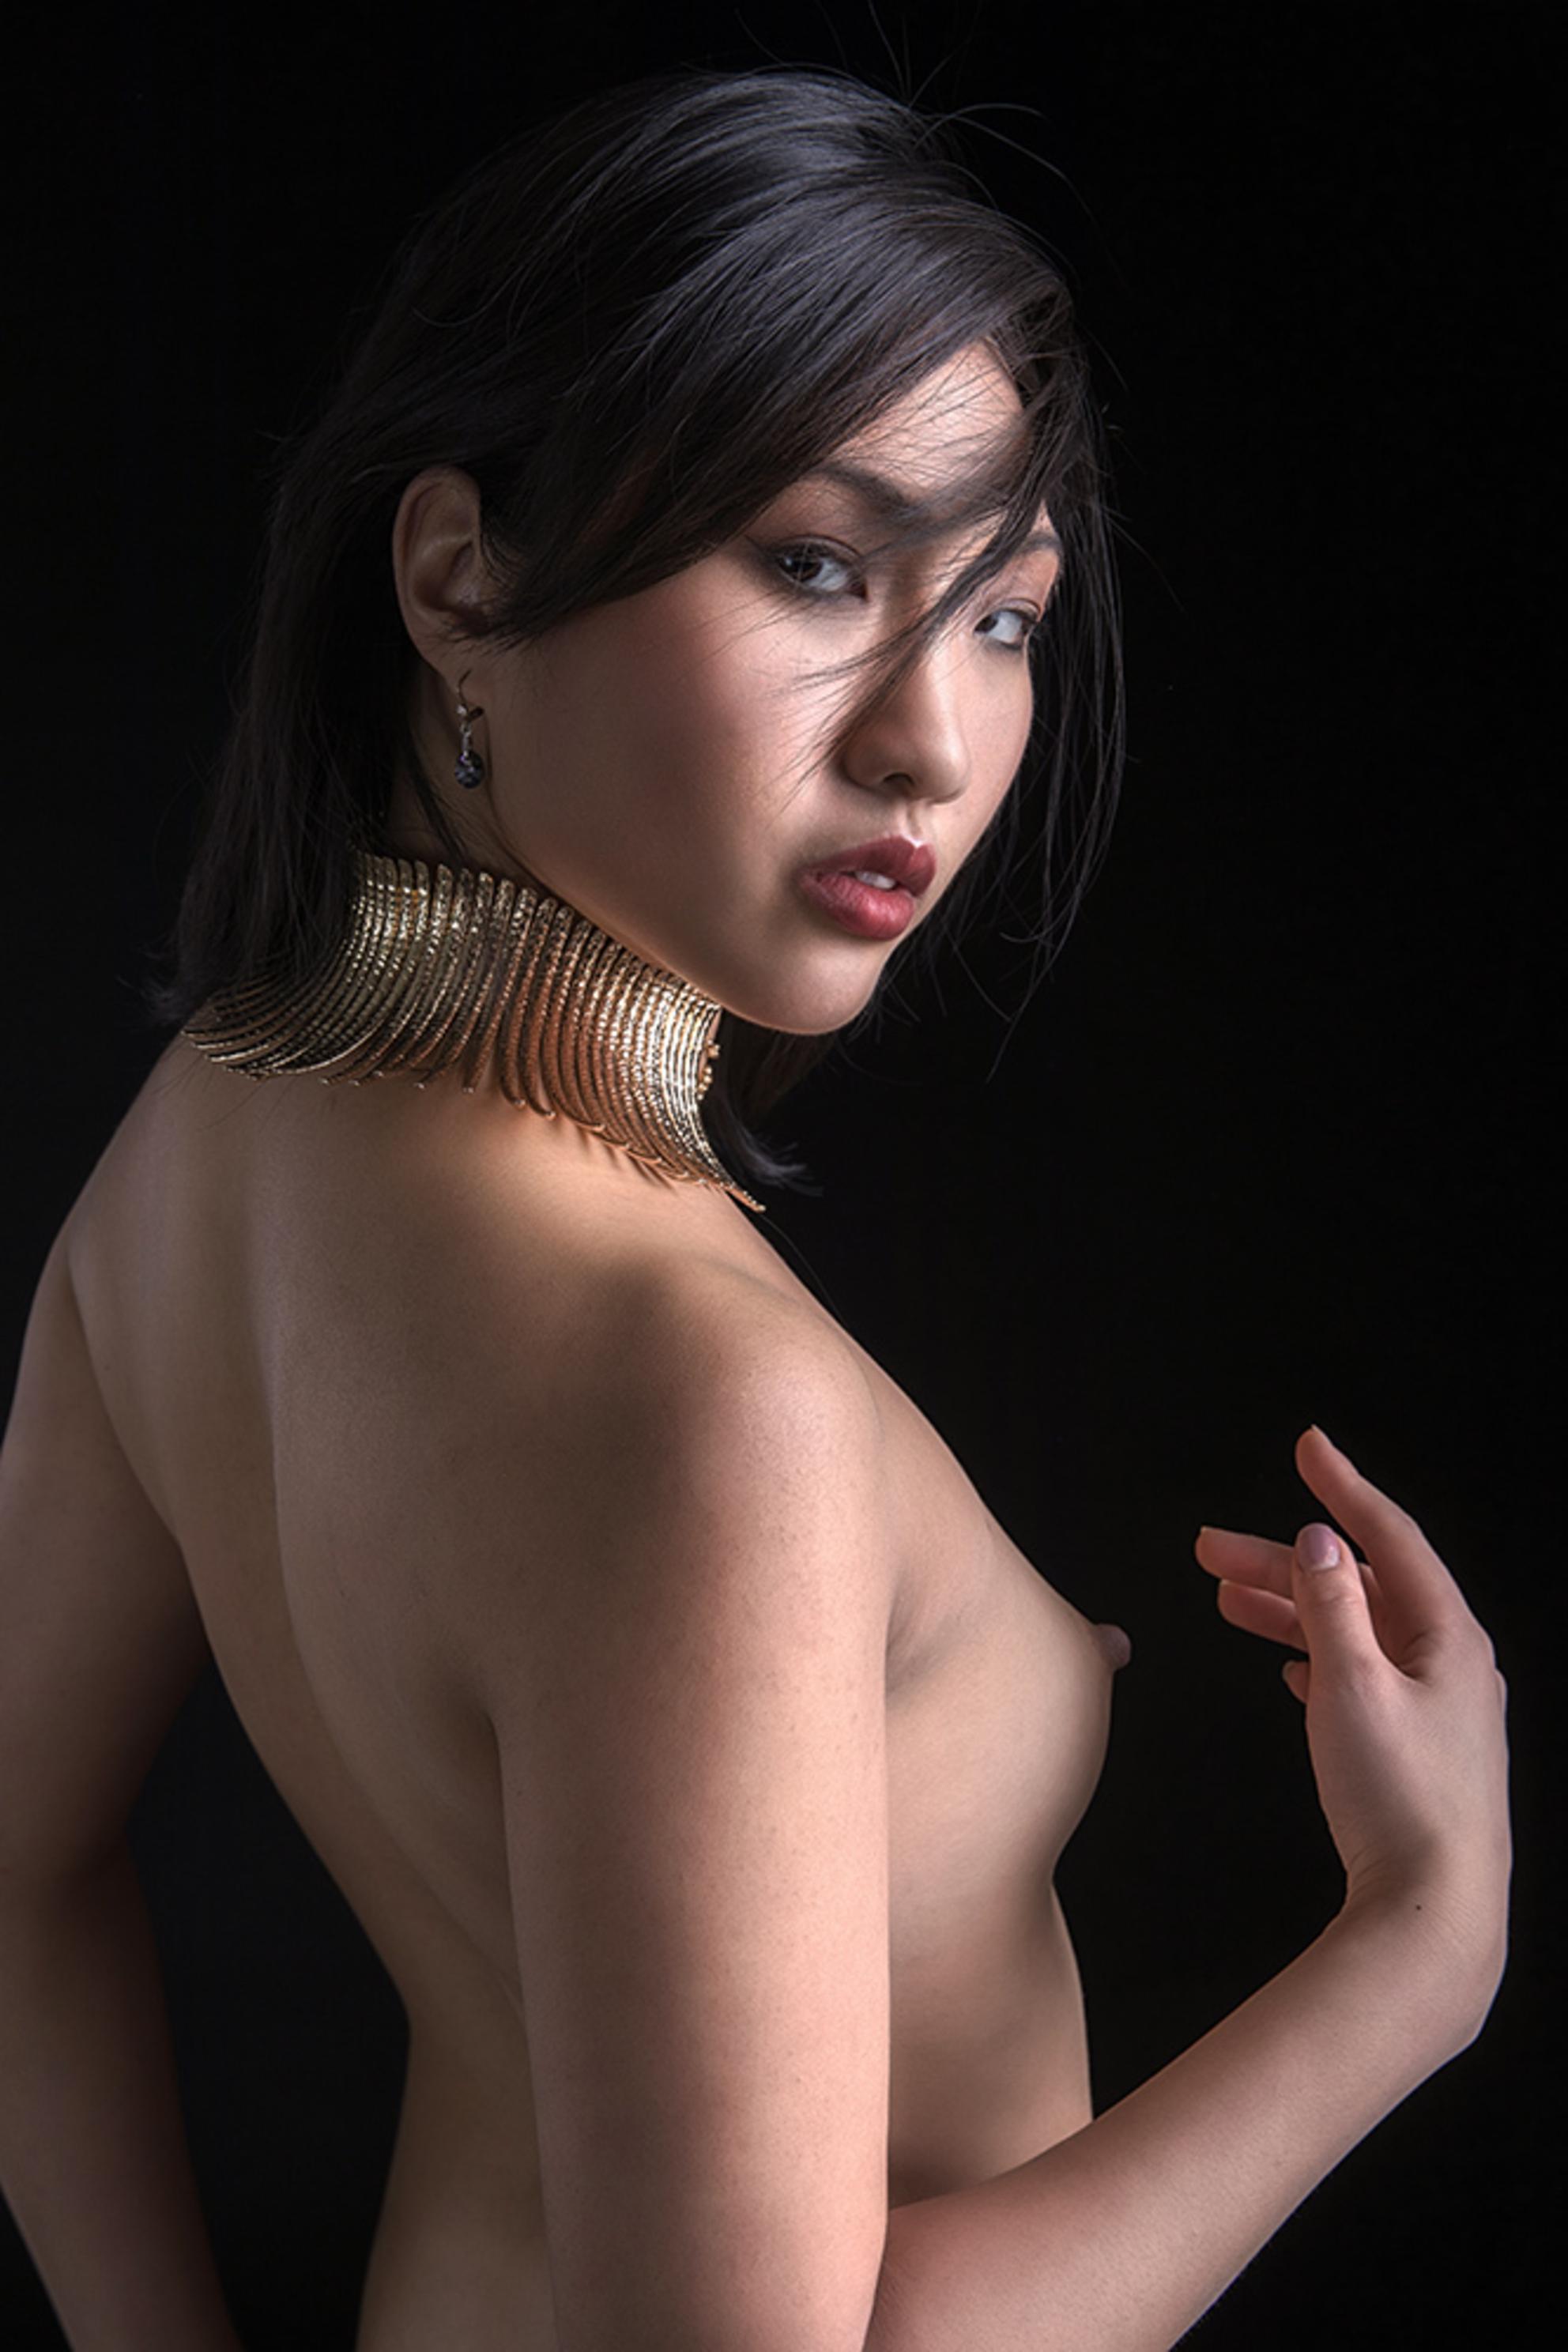 golden necklace - Minh-Li - foto door jhslotboom op 08-02-2018 - deze foto bevat: vrouw, soft, ketting, portret, model, gouden, fashion, erotiek, naakt, pose, glamour, studio, klassiek, artistiek, tribaal, halsketting, minh-li - Deze foto mag gebruikt worden in een Zoom.nl publicatie